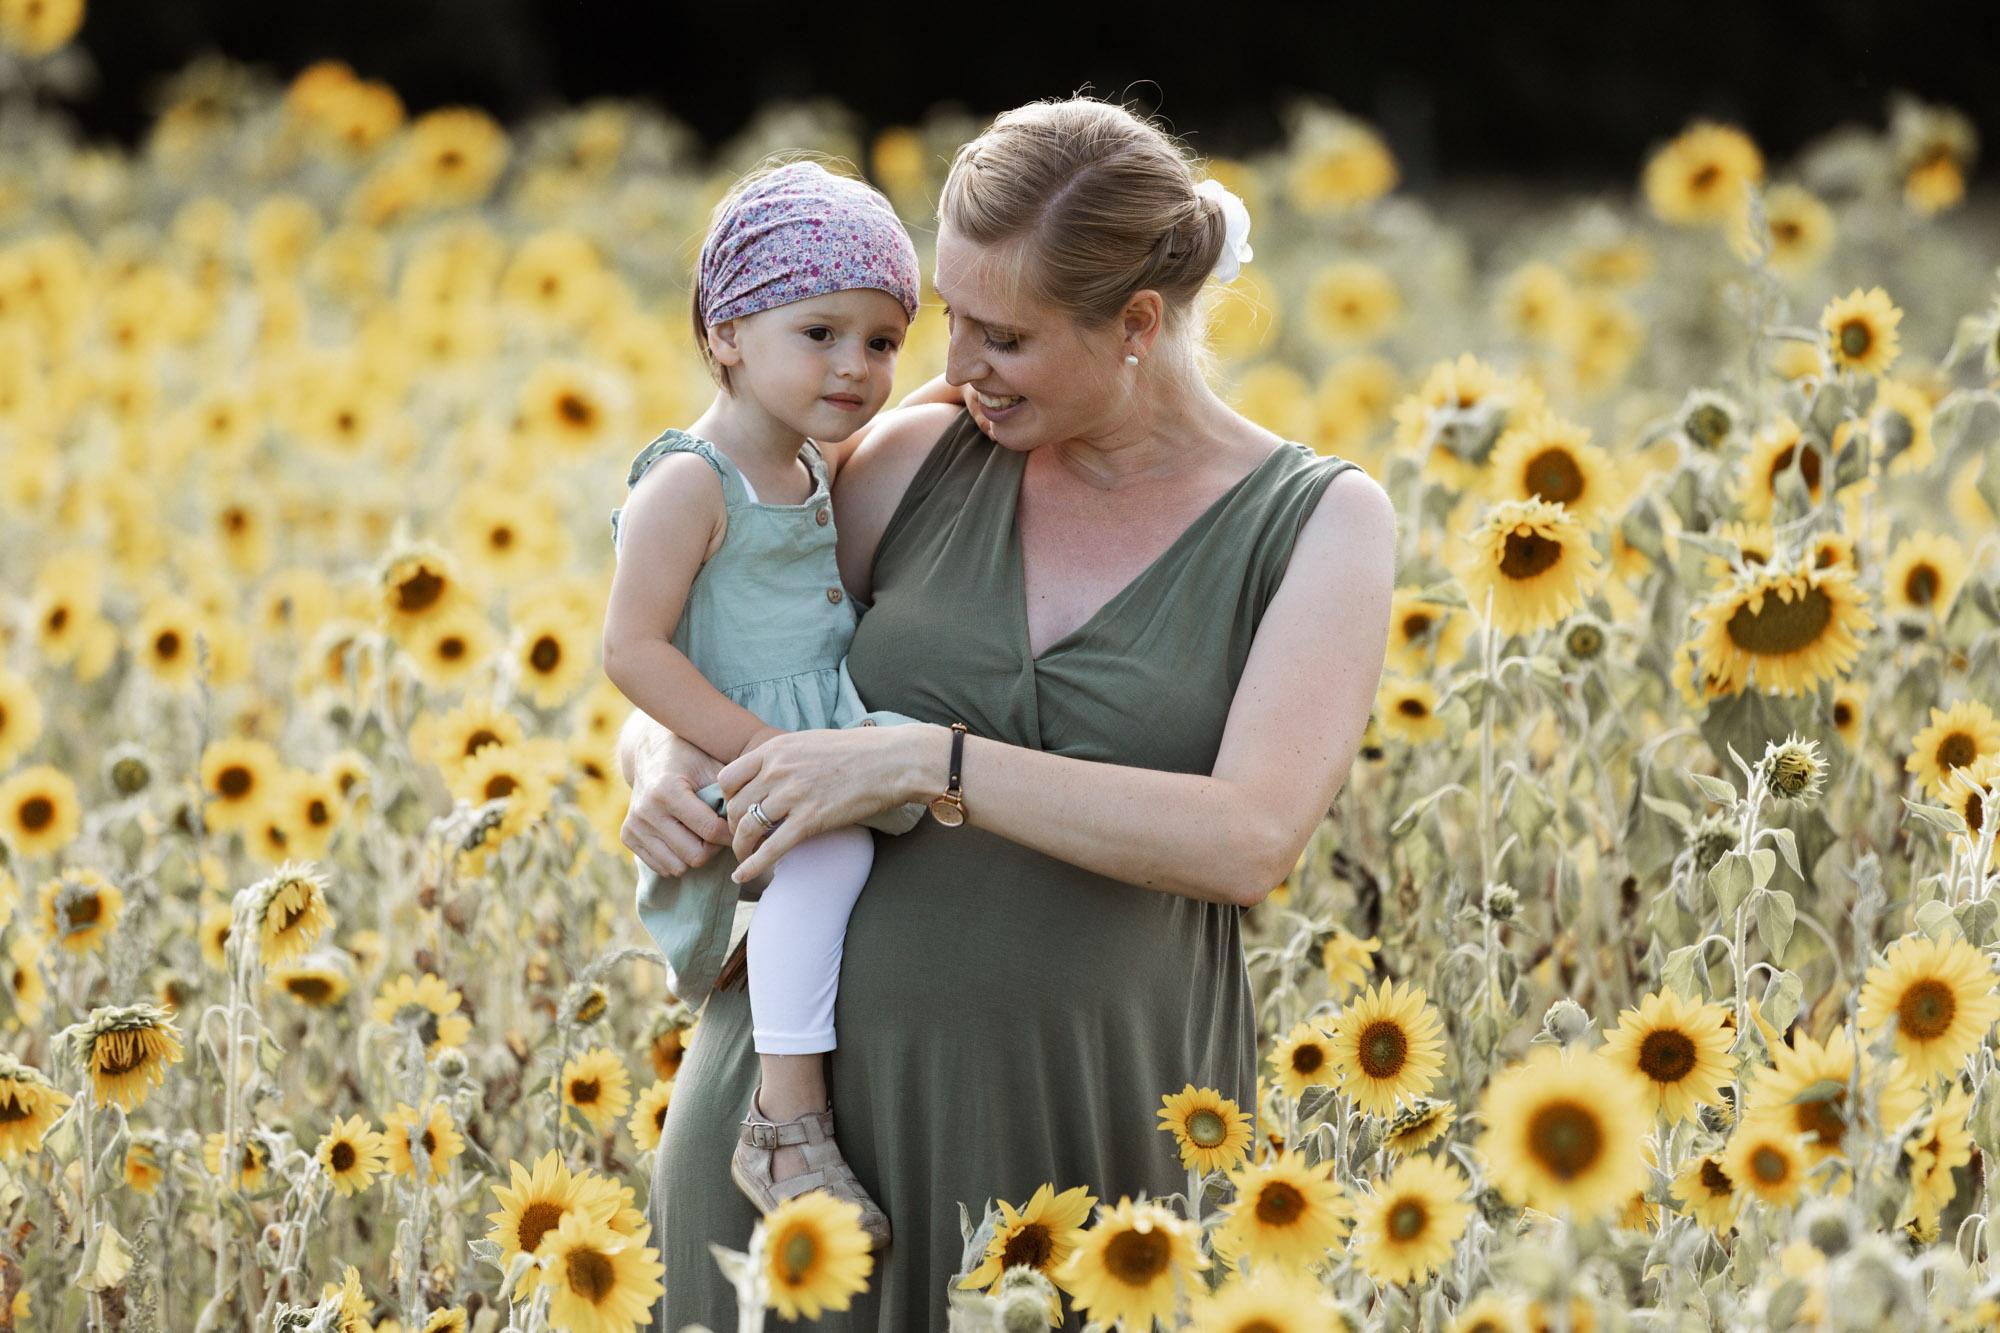 Babybauch und Familienfotoshooting in den Merian Gärten - Die Mama mit ihrer süssen Tochter im Sonnenblumenfeld